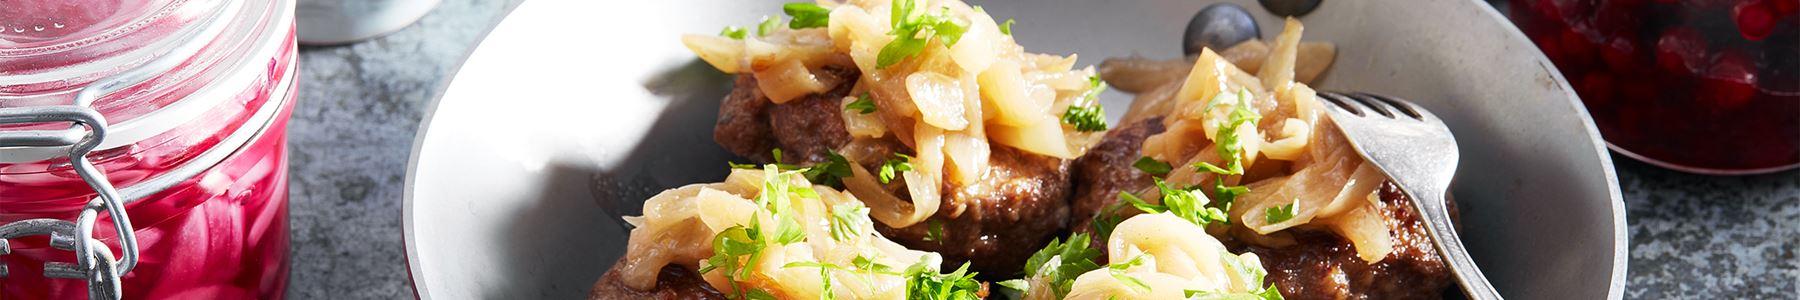 Snabbt och lätt med stekt köttfärs!